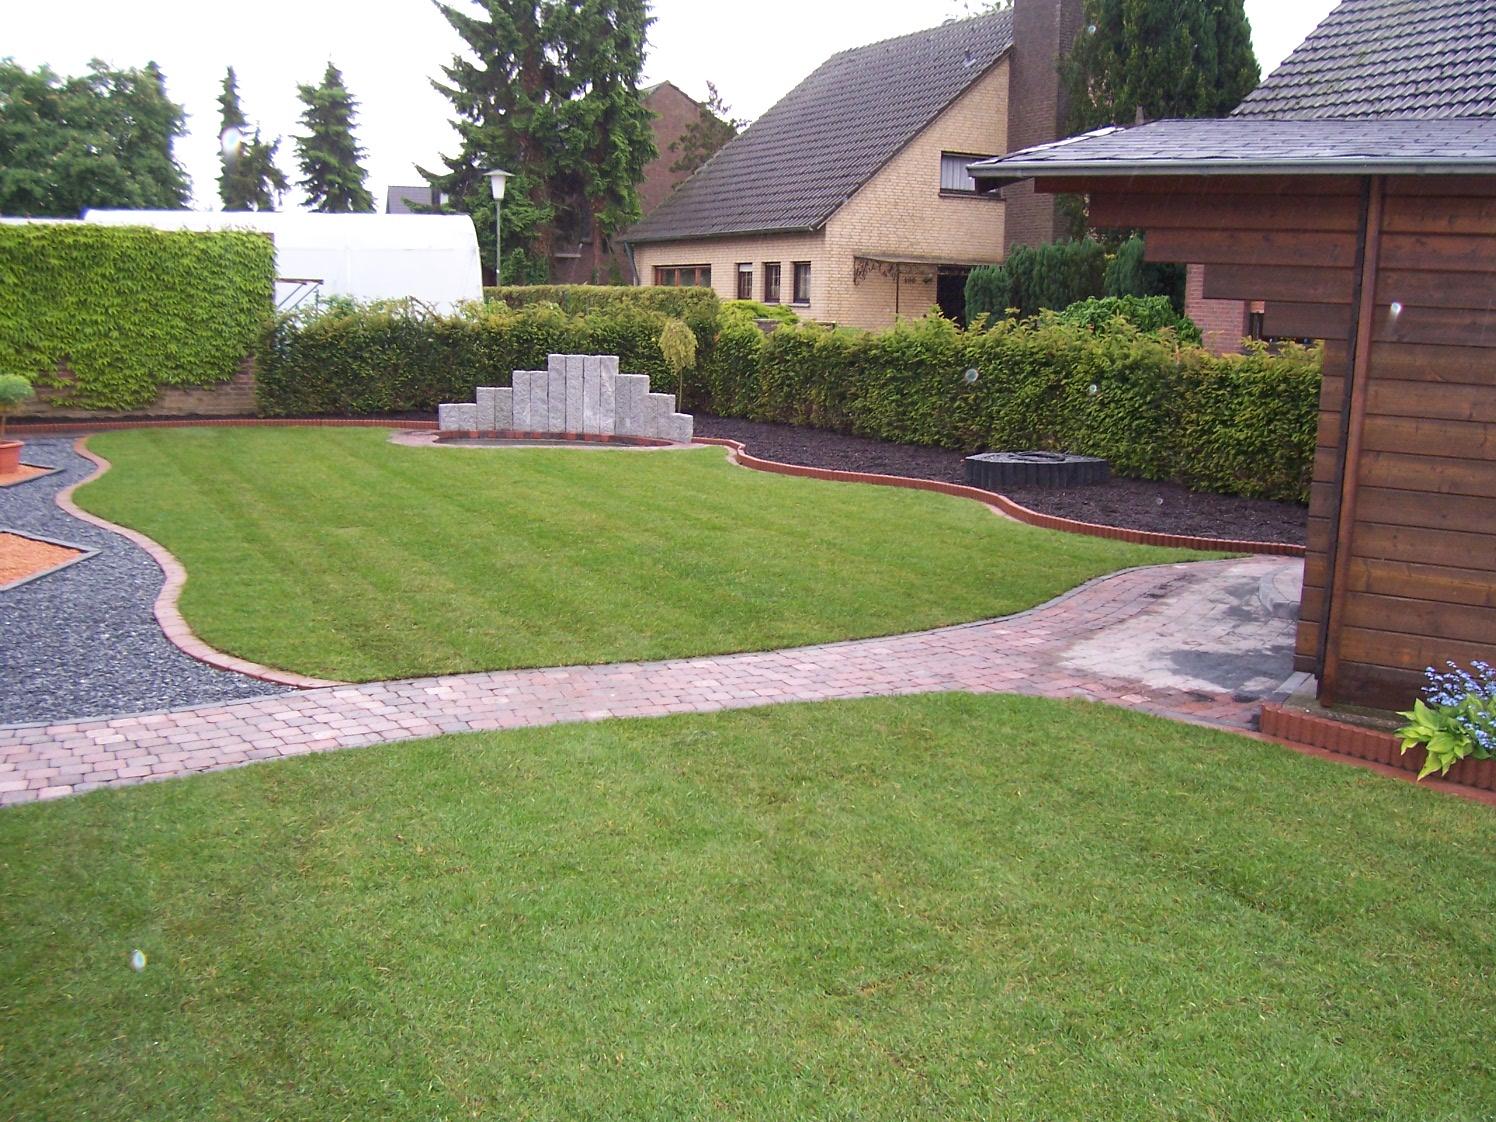 Gartengestaltung Pflege Landschaftsbau Becker Gmbh